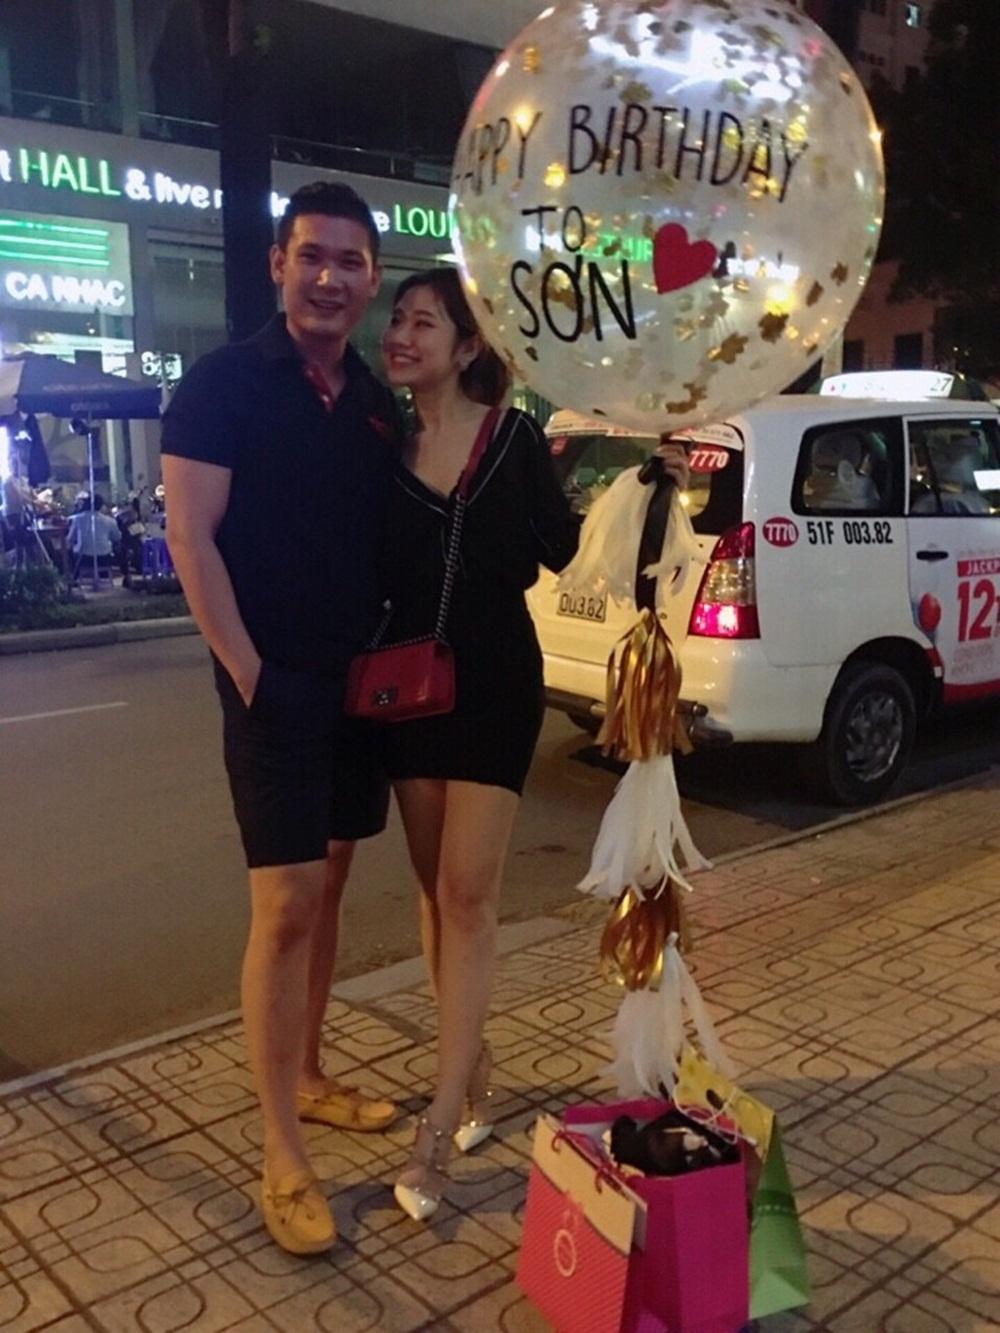 Ngọc Mai là em gái của doanh nhân Tạ Công Sơn - bạn trai Hoa hậu Kỳ Duyên.